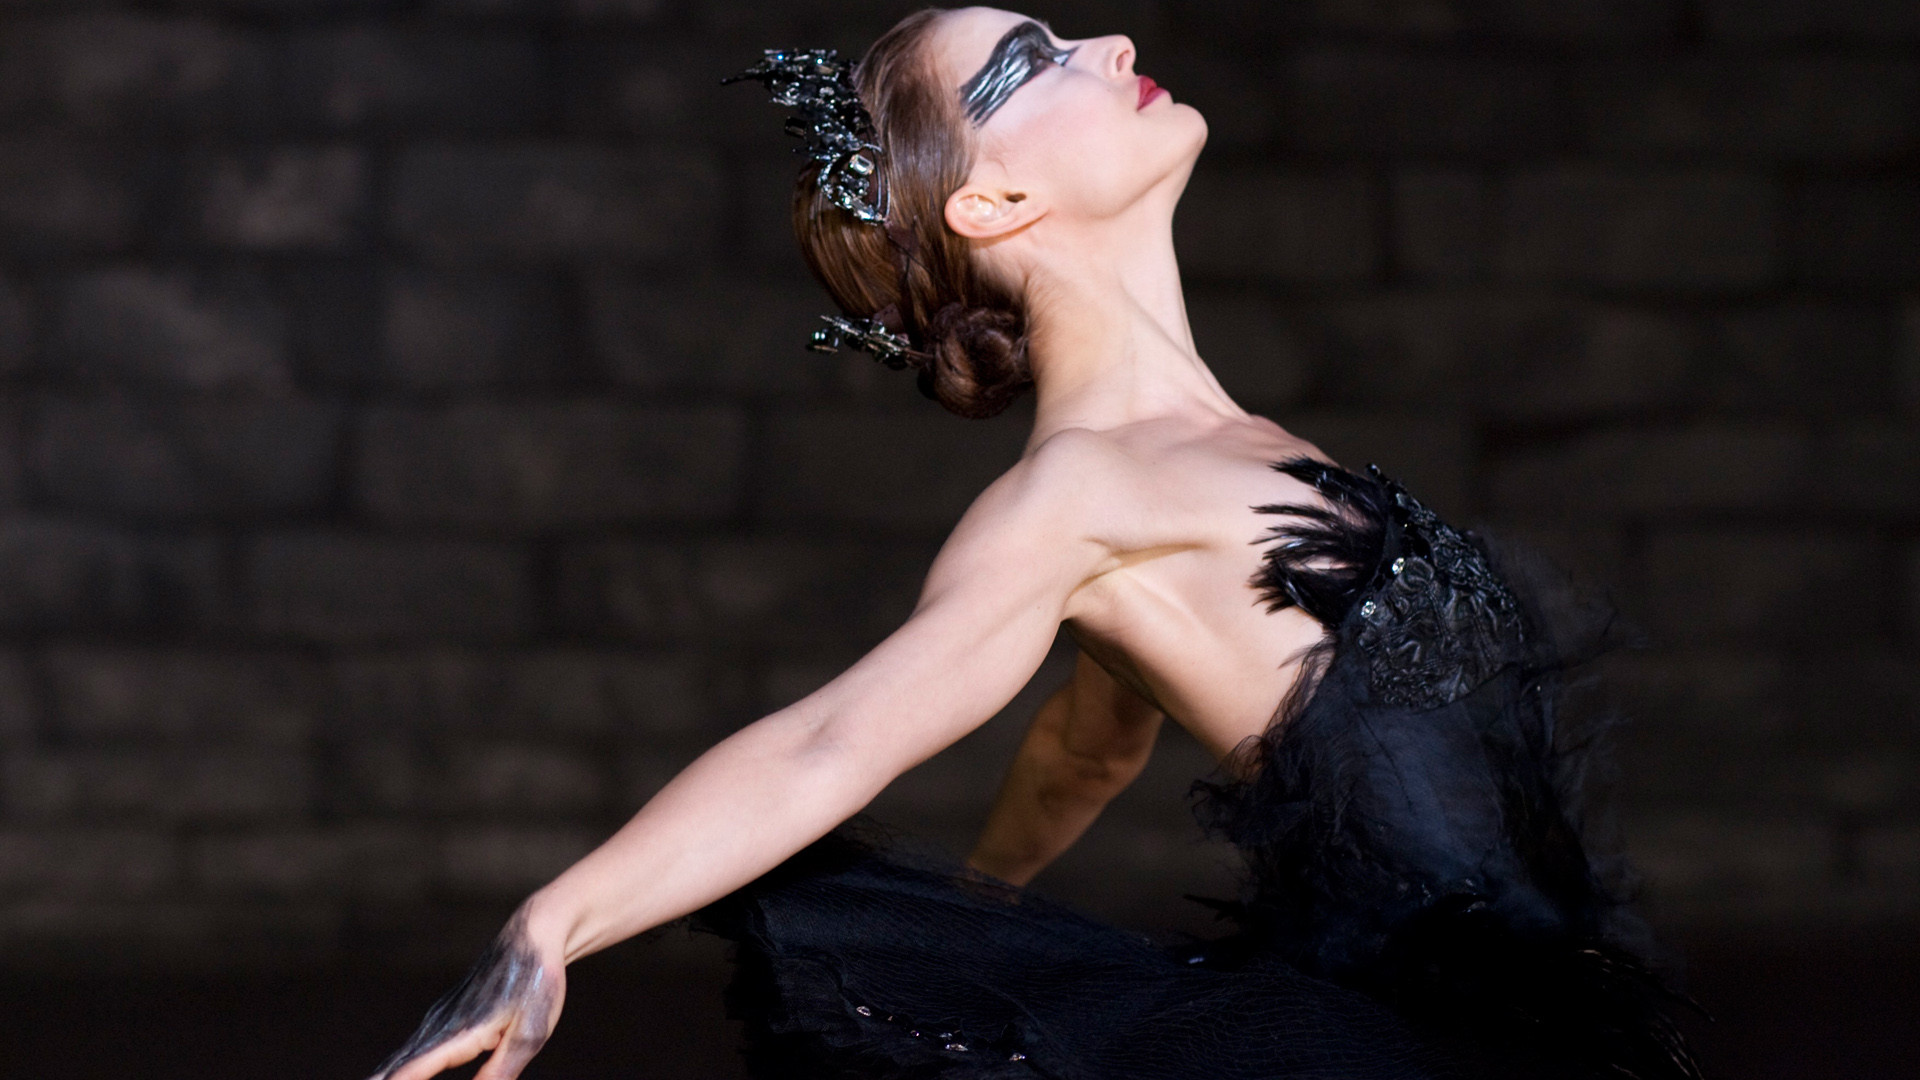 Black swan - rauðar linsur, svartur kjóll, svört kóróna og make-up er allt sem þarf í þennan búning